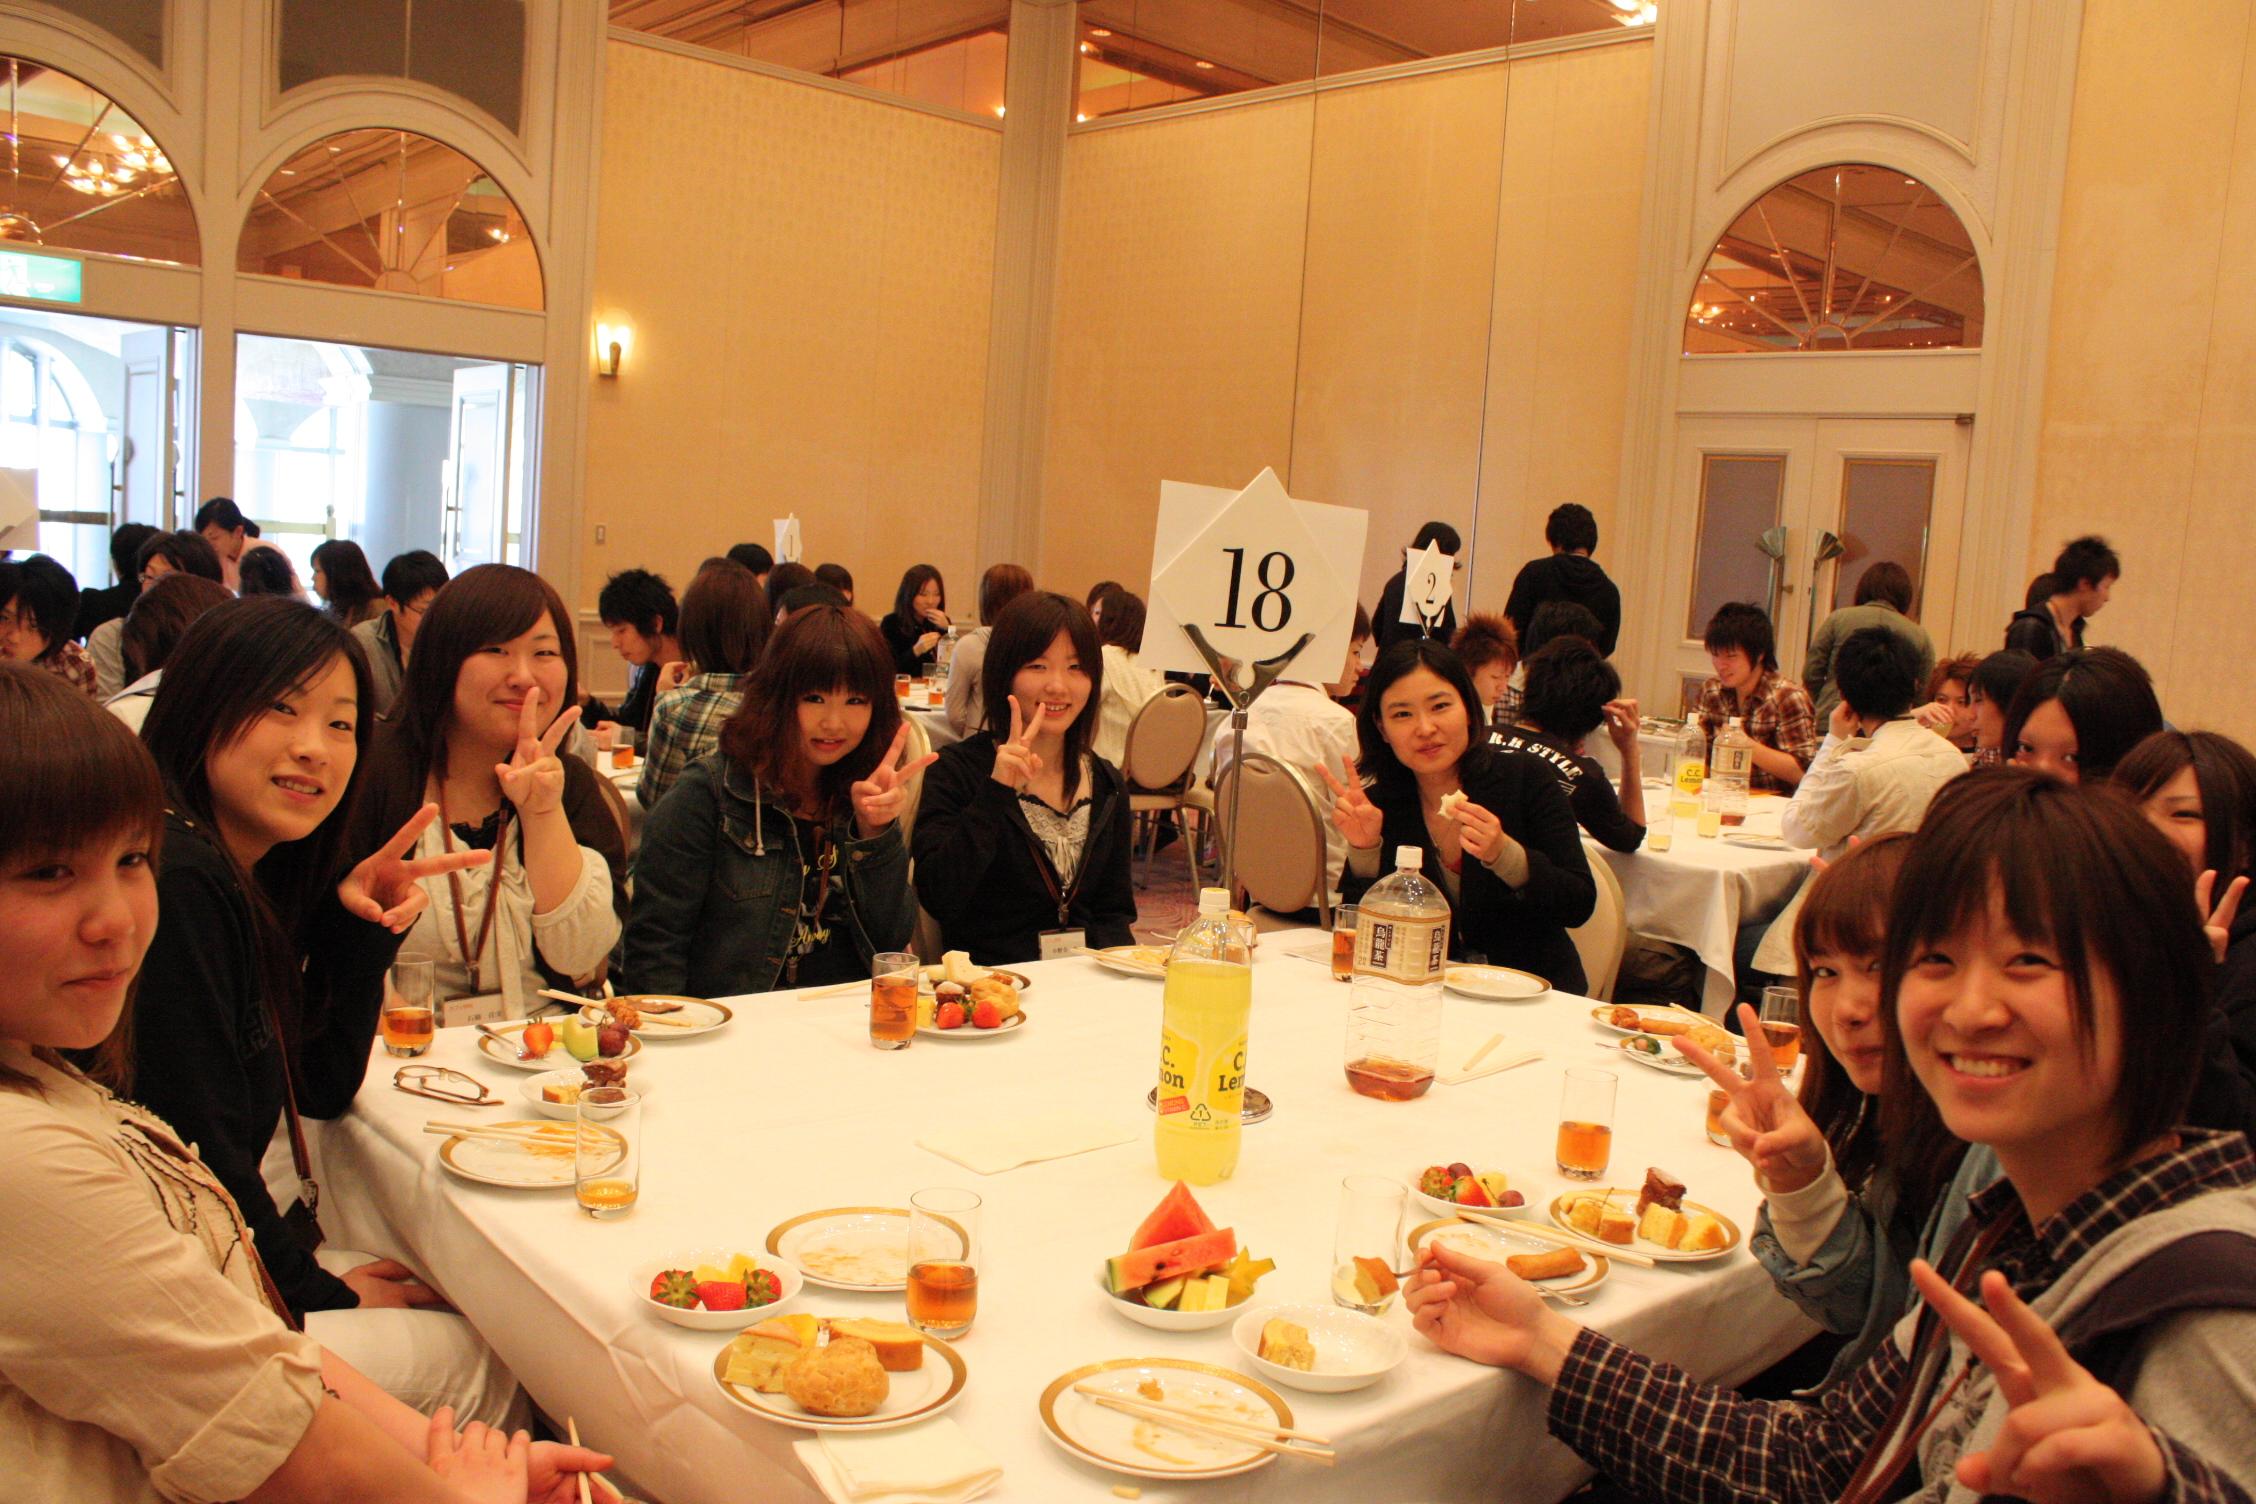 昼は、STEPの美味しいランチタイム!クラスみんなと楽しくお食事です!!